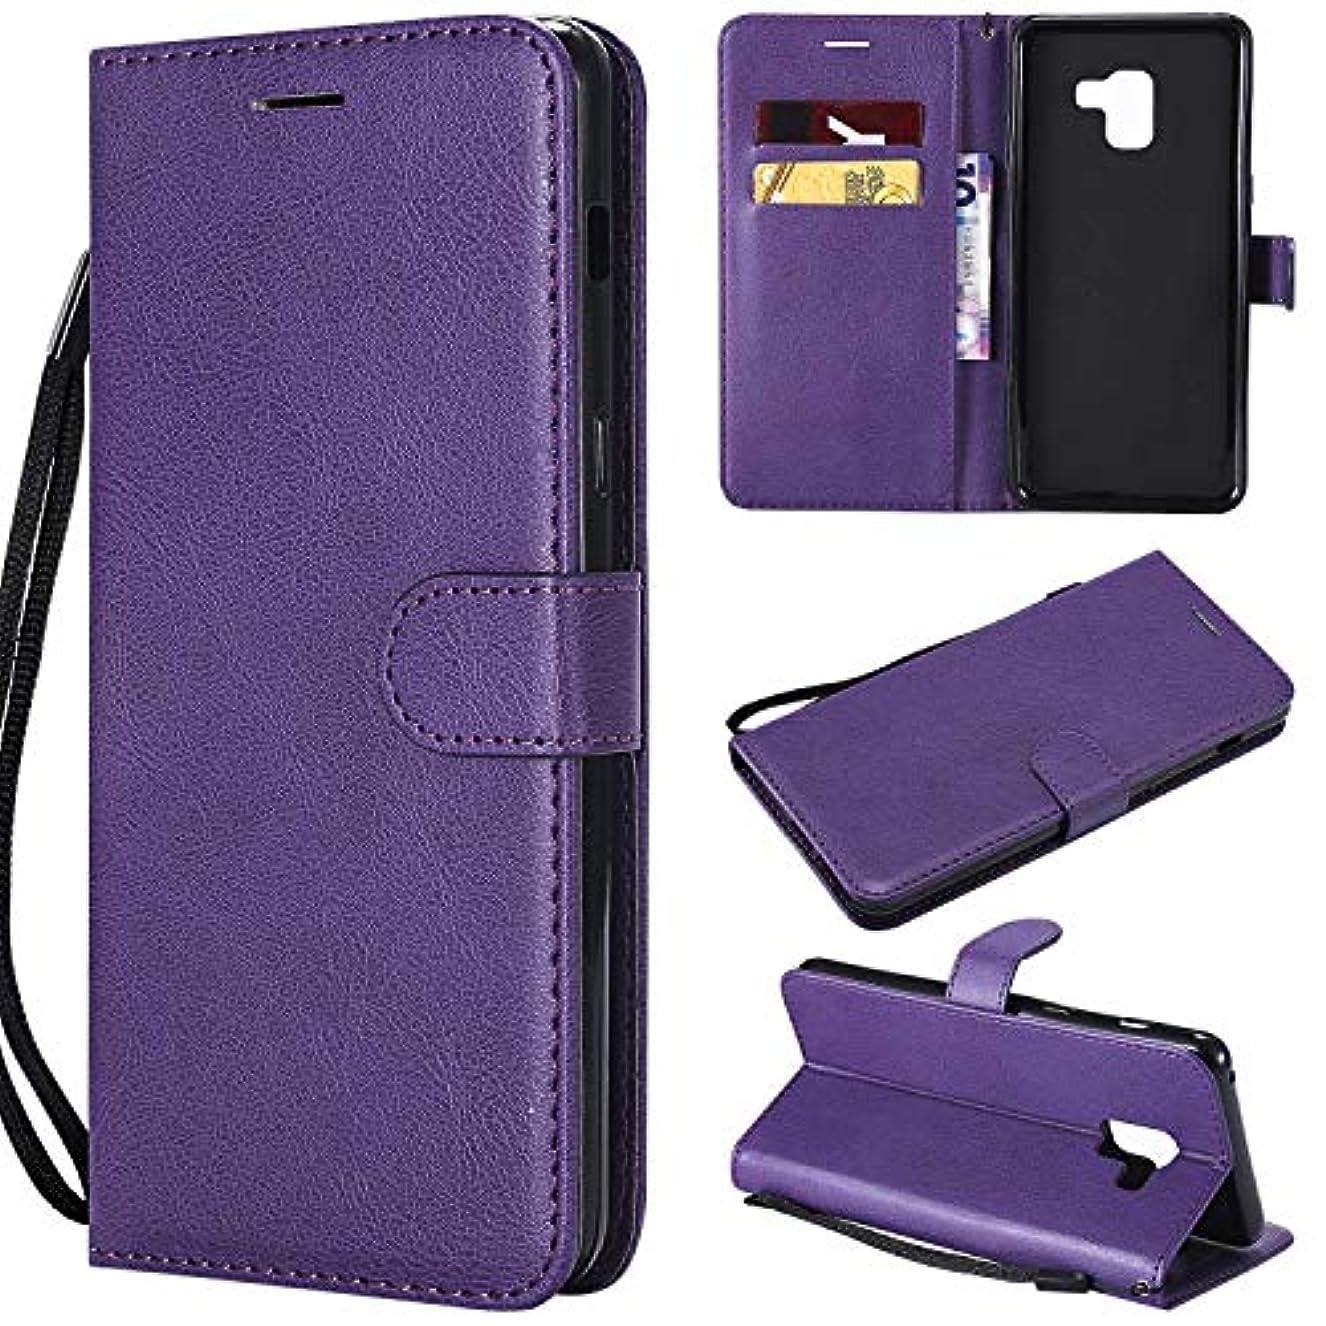 ブルクレジットダッシュGalaxy A8 Plus ケース手帳型 OMATENTI レザー 革 薄型 手帳型カバー カード入れ スタンド機能 サムスン Galaxy A8 Plus おしゃれ 手帳ケース (5-パープル)